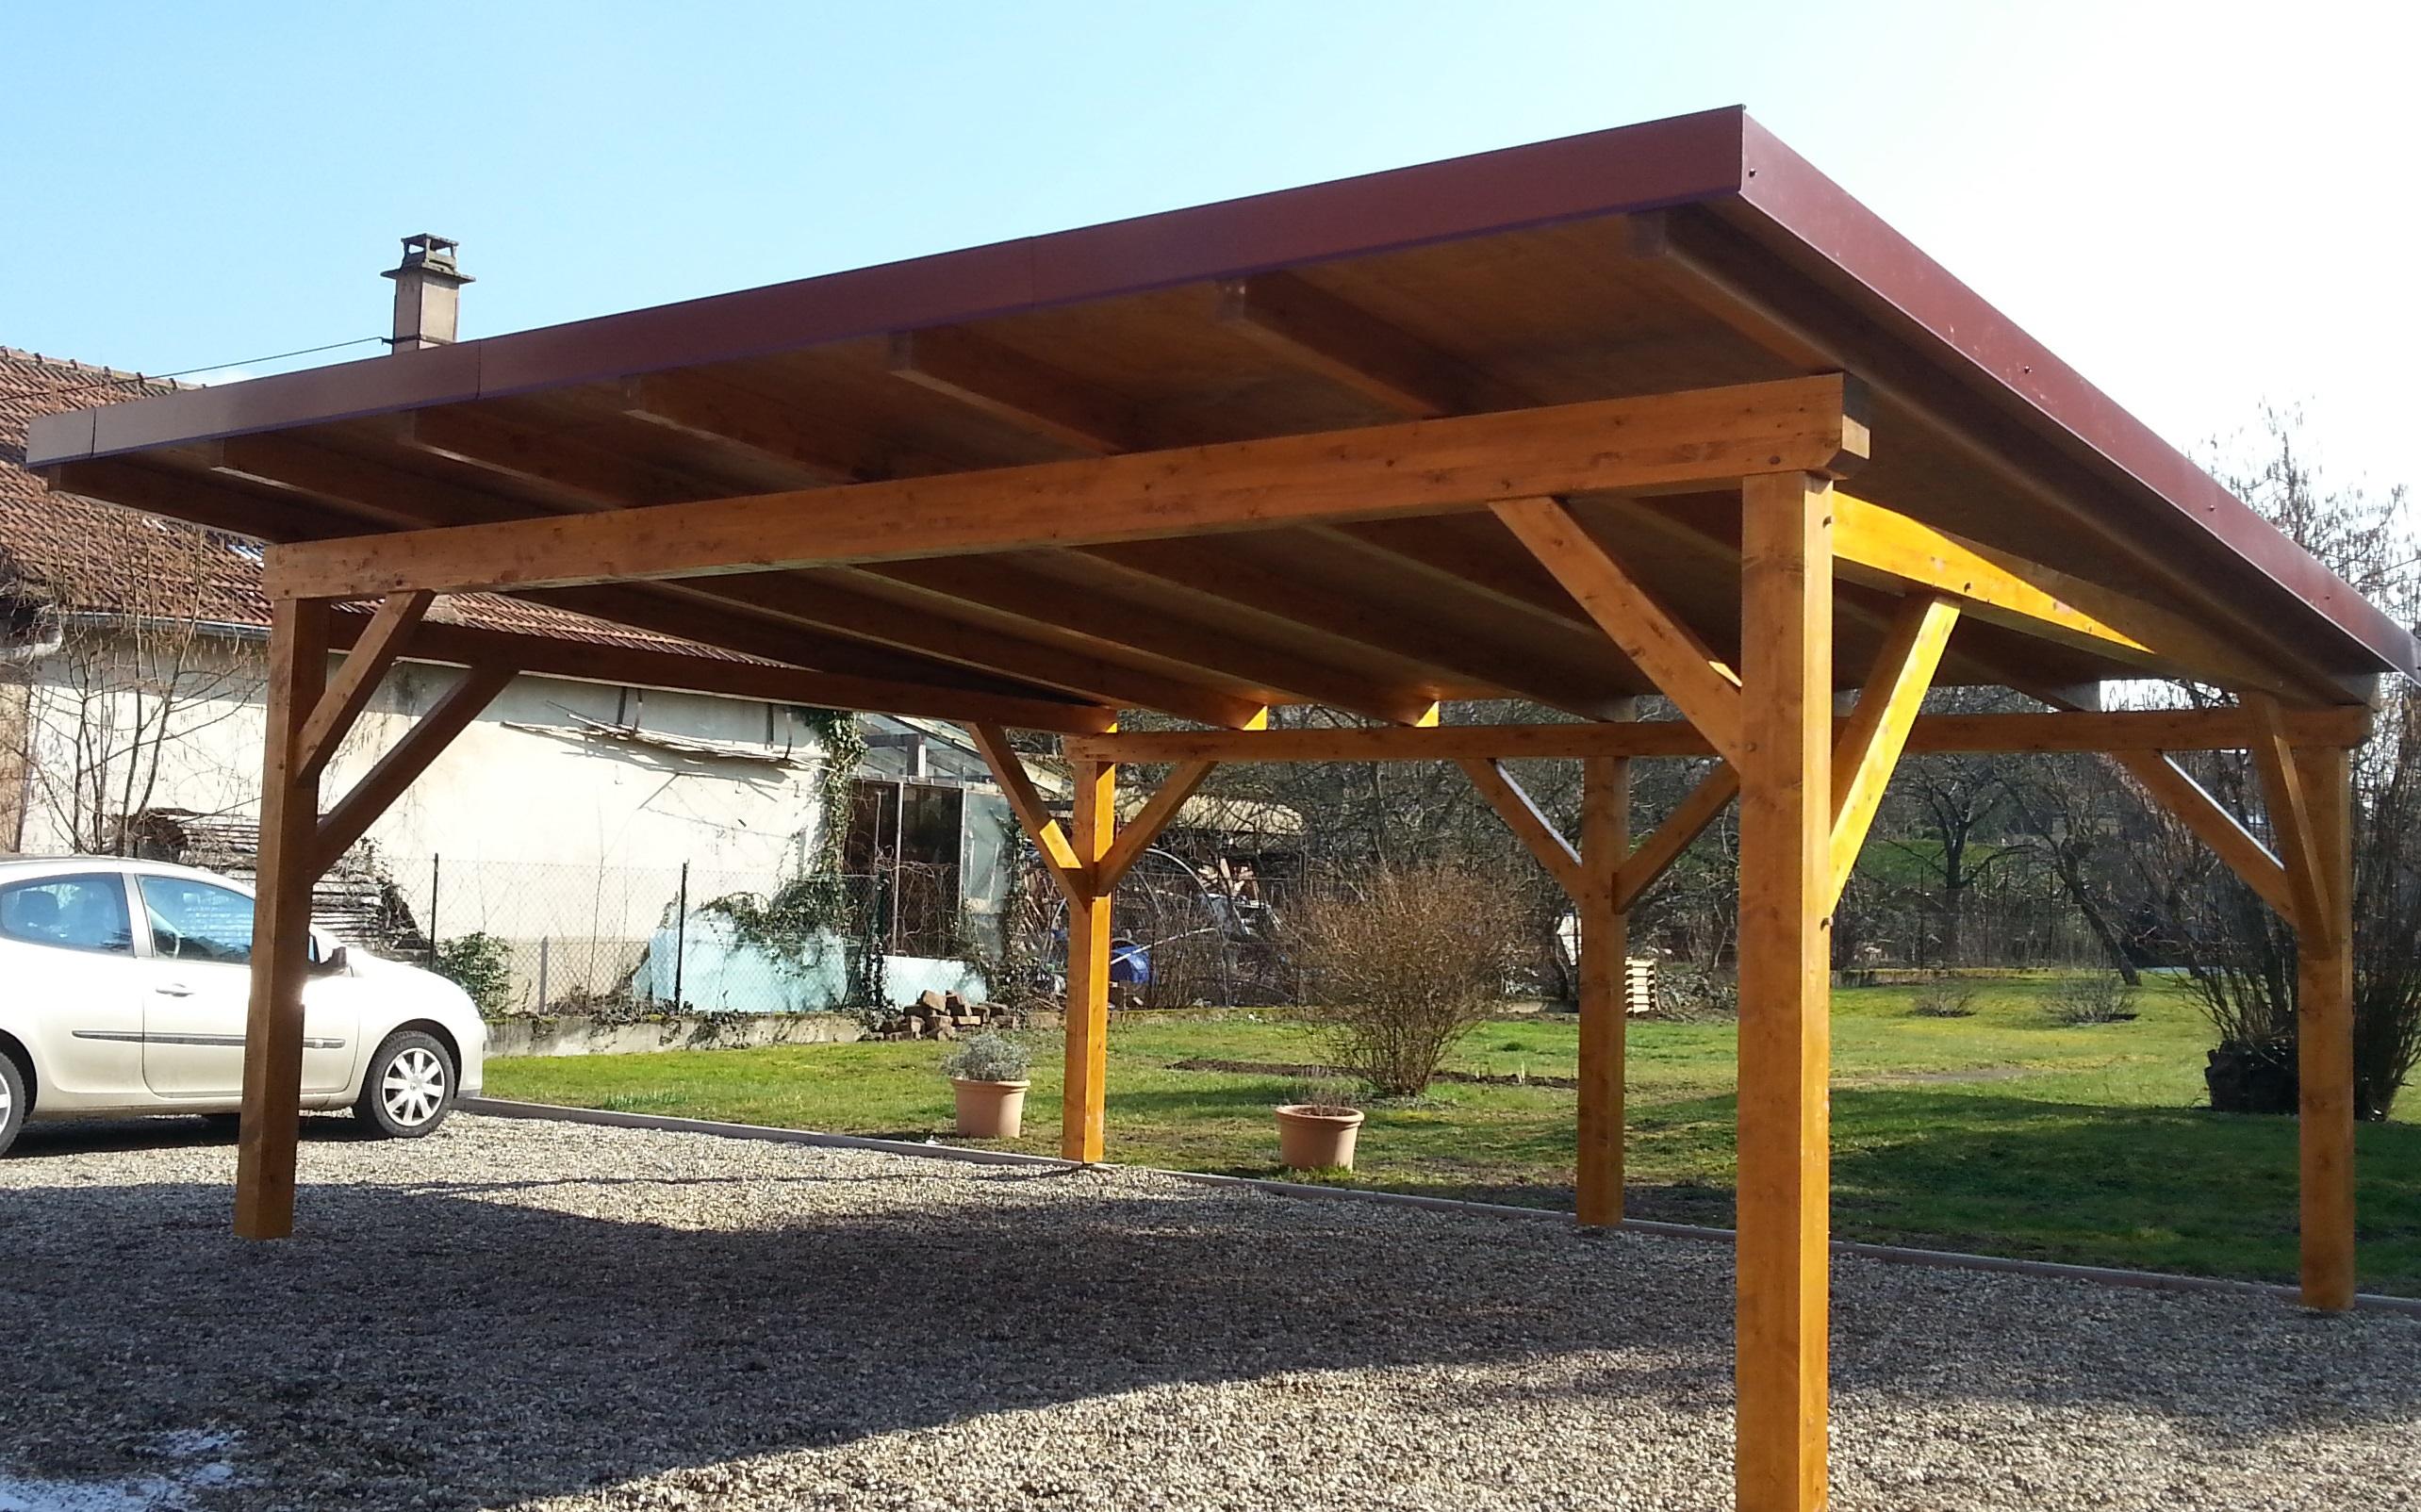 Construire Abris Bois les abris en bois pour voiture - artzari : blog, annuaire et